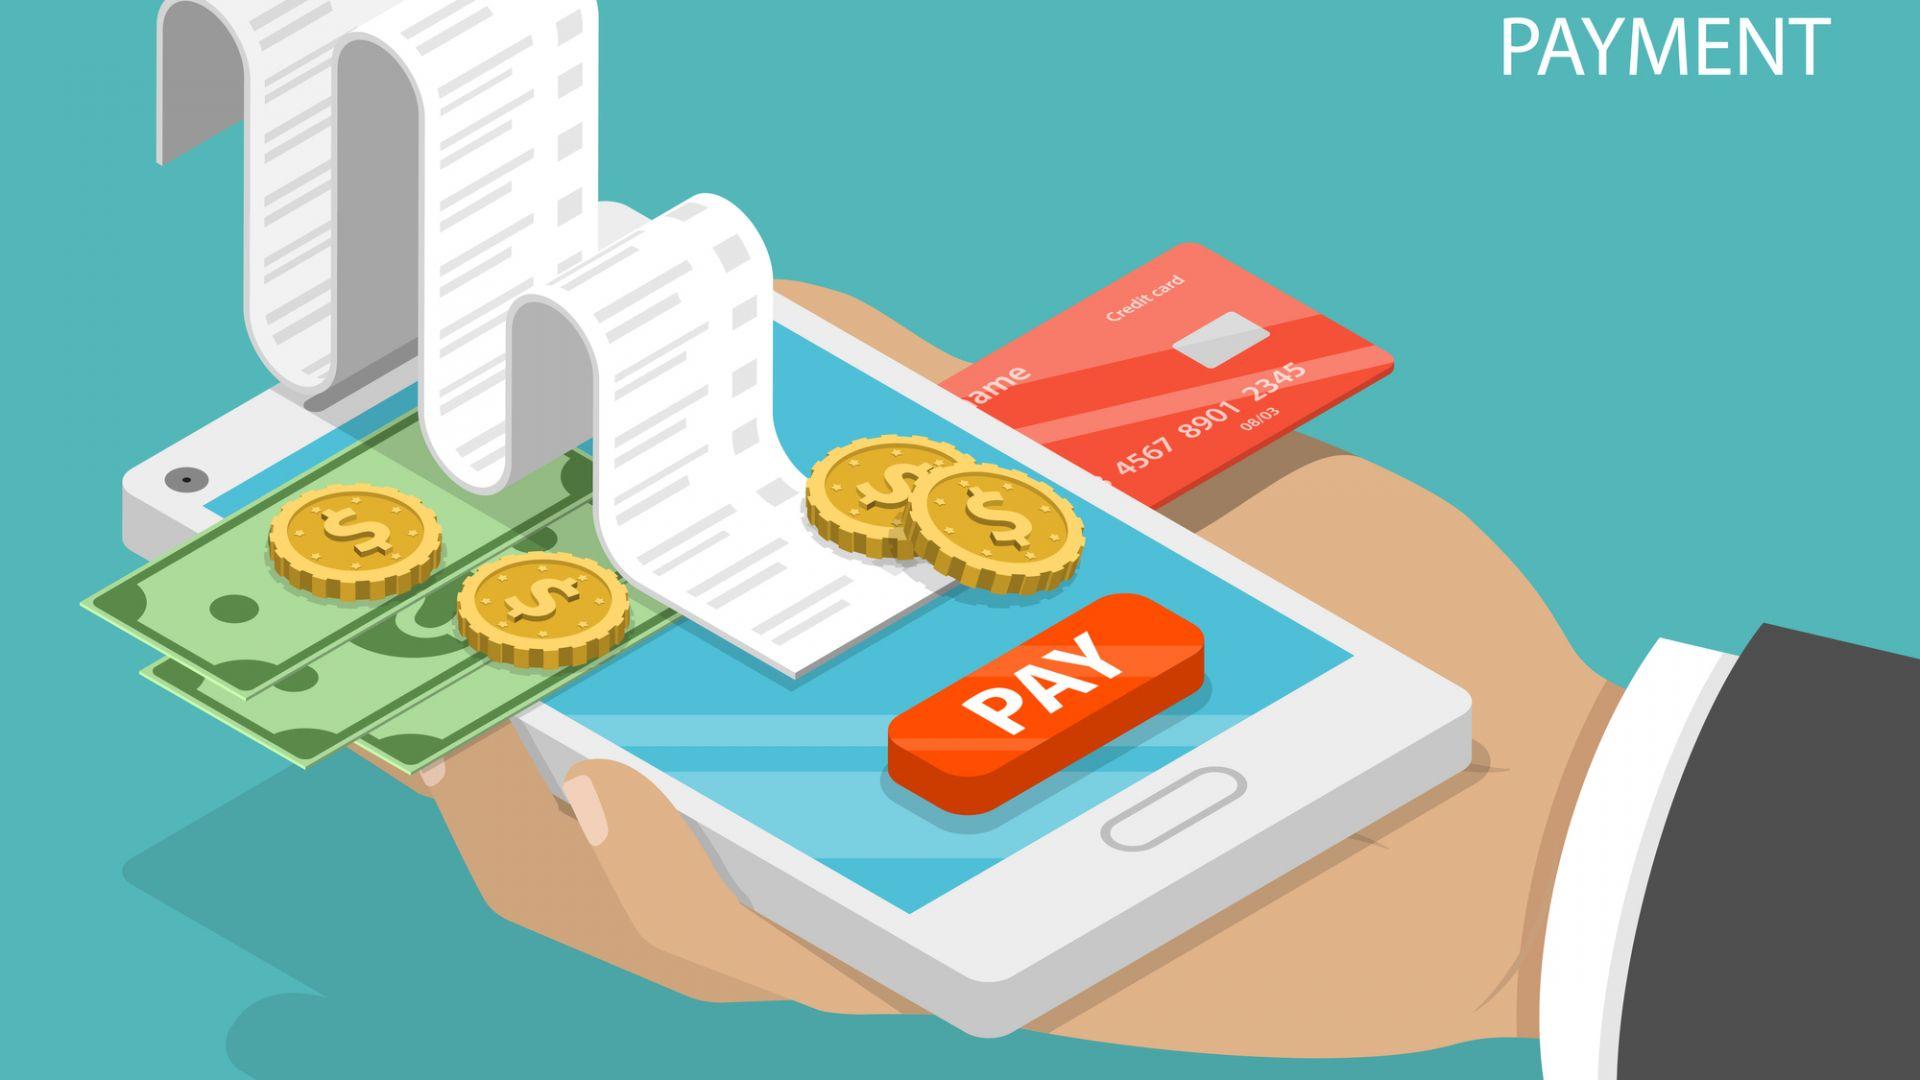 Може да плащате месечните си задължения директно от телефона